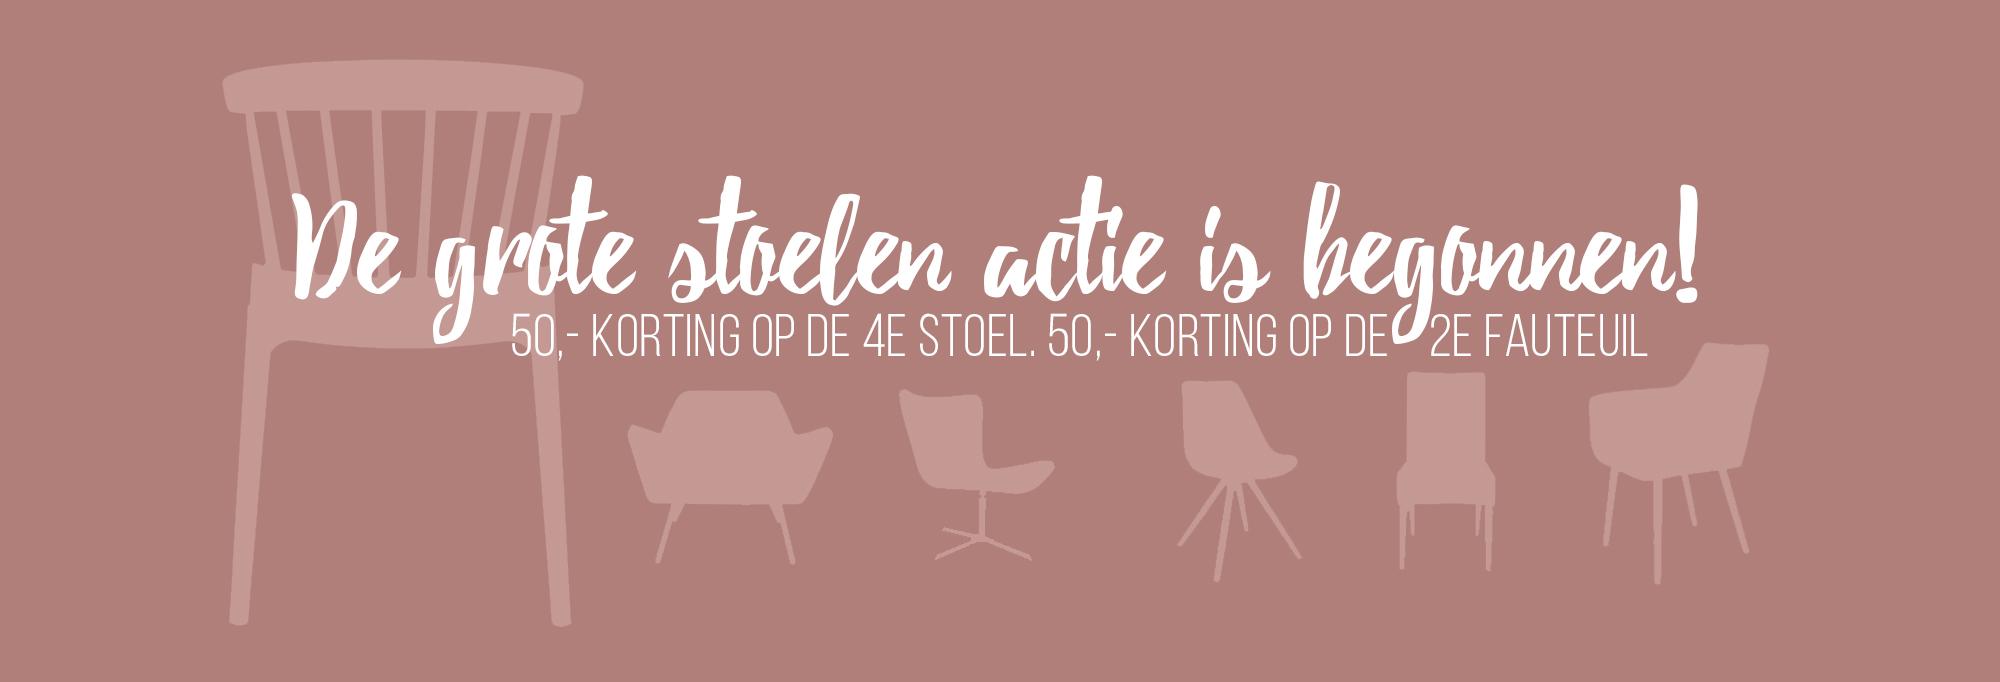 (c) Steigerhoutenmeubelshop.nl